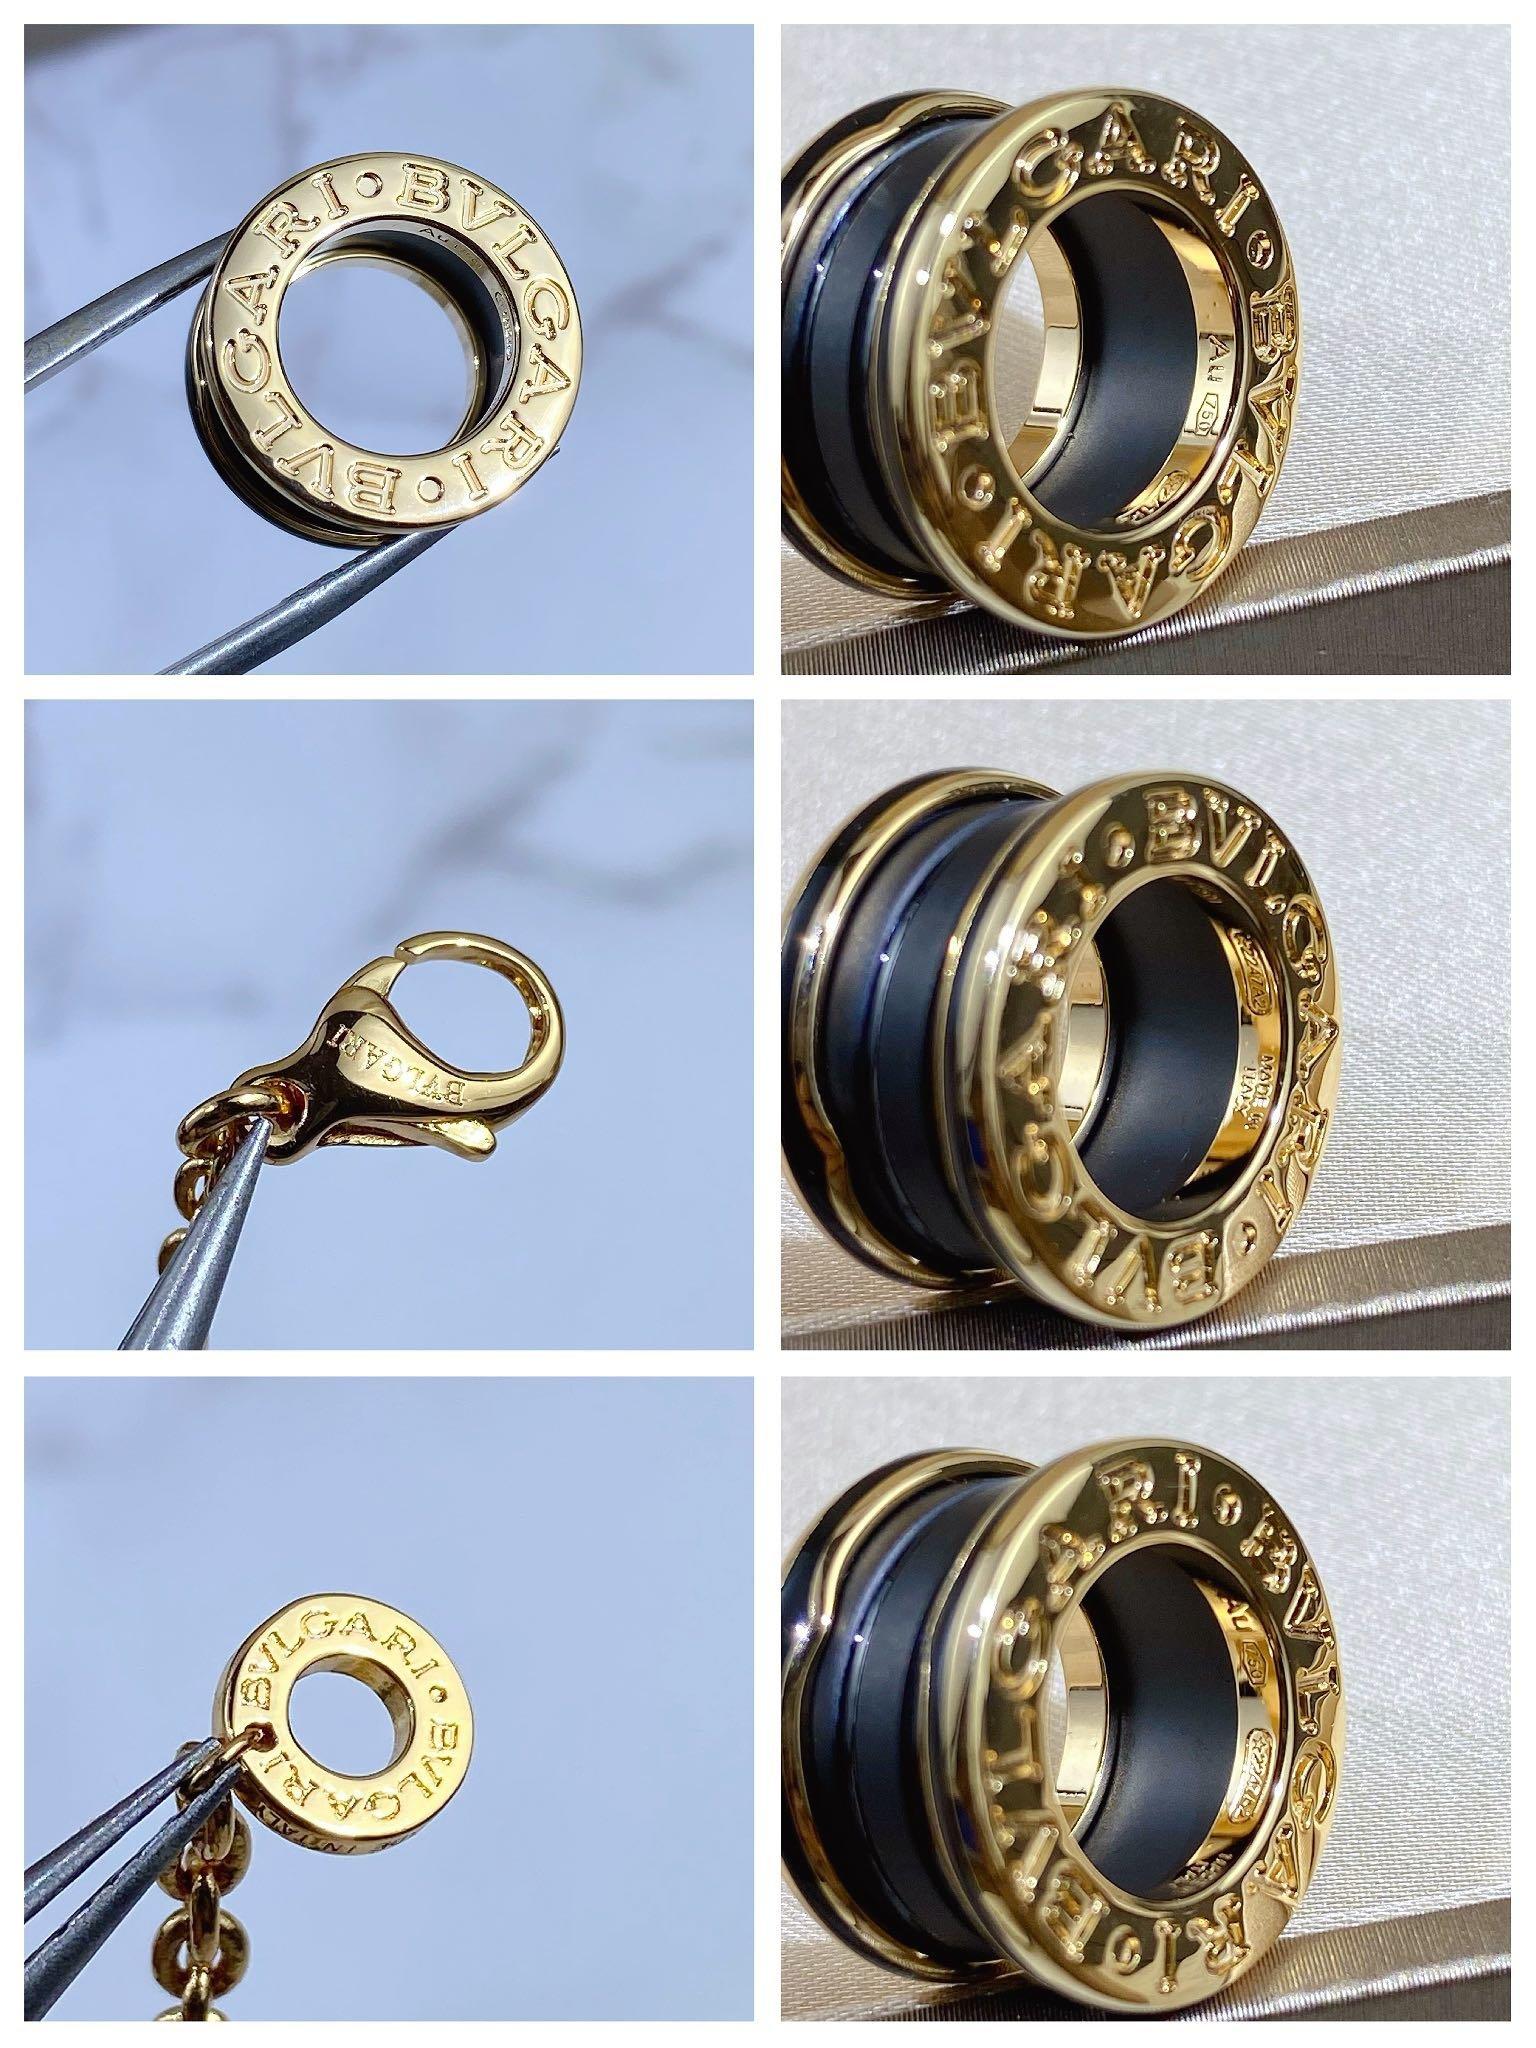 镀厚金V金材质粗链条CNC正品开版精